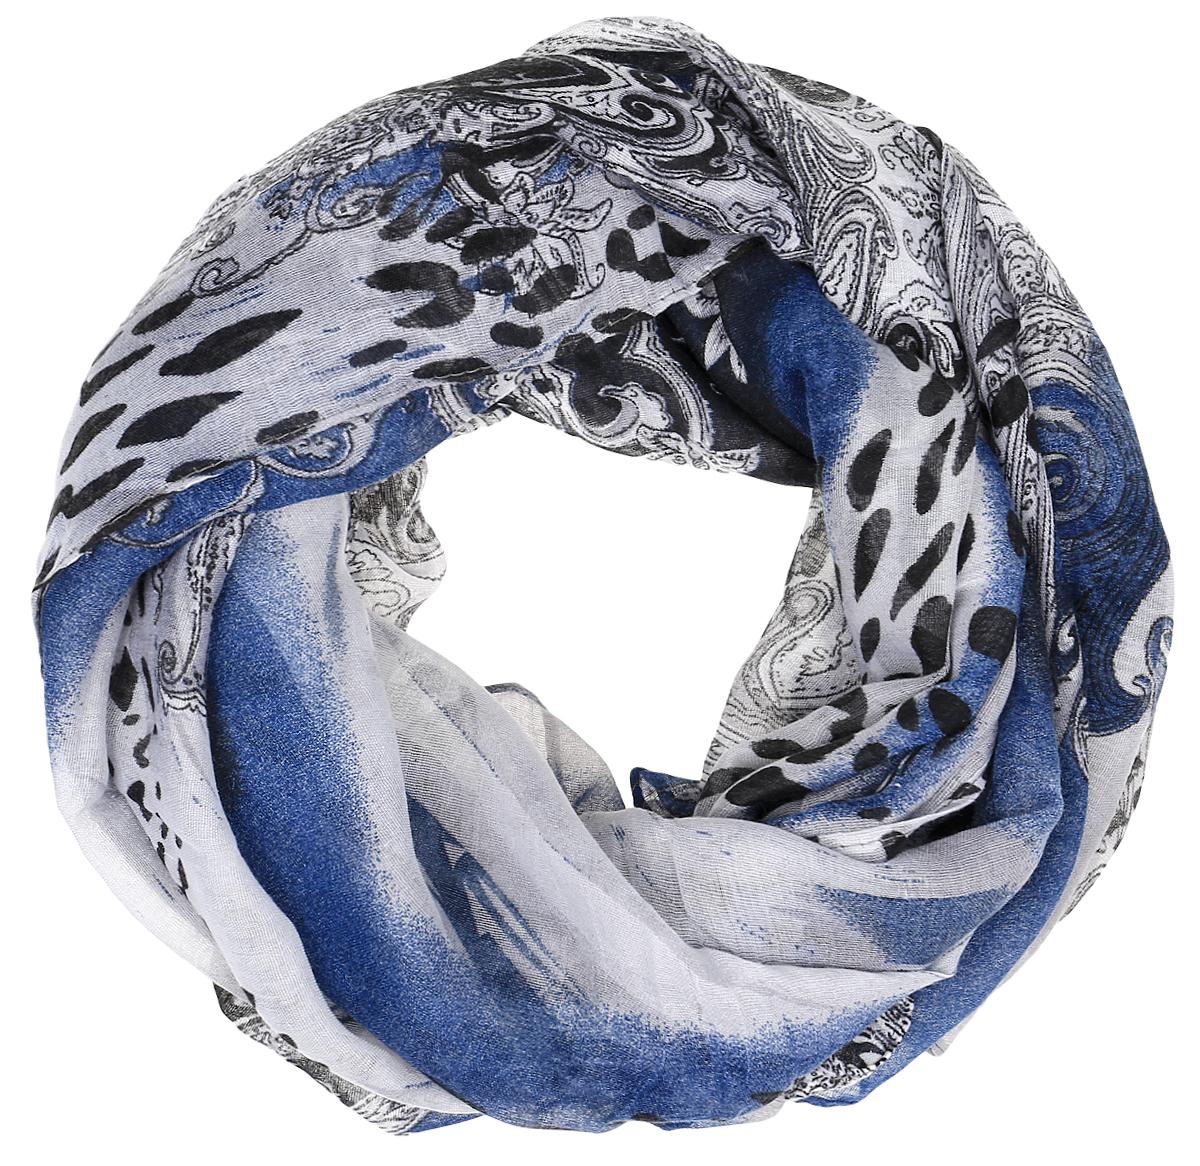 Палантин женский Fabretti, цвет: синий, черный, серый. TUTF165. Размер 90 см х 180 смTUTF165-5Элегантный палантин Fabretti, изготовленный из высококачественного материала, создан подчеркивать роскошную неоднозначность вашего образа. Палантин оформлен интересным принтом. Этот модный аксессуар женского гардероба гармонично дополнит образ современной женщины, следящей за своим имиджем и стремящейся всегда оставаться стильной и элегантной. В этом палантине вы всегда будете выглядеть женственной и привлекательной.